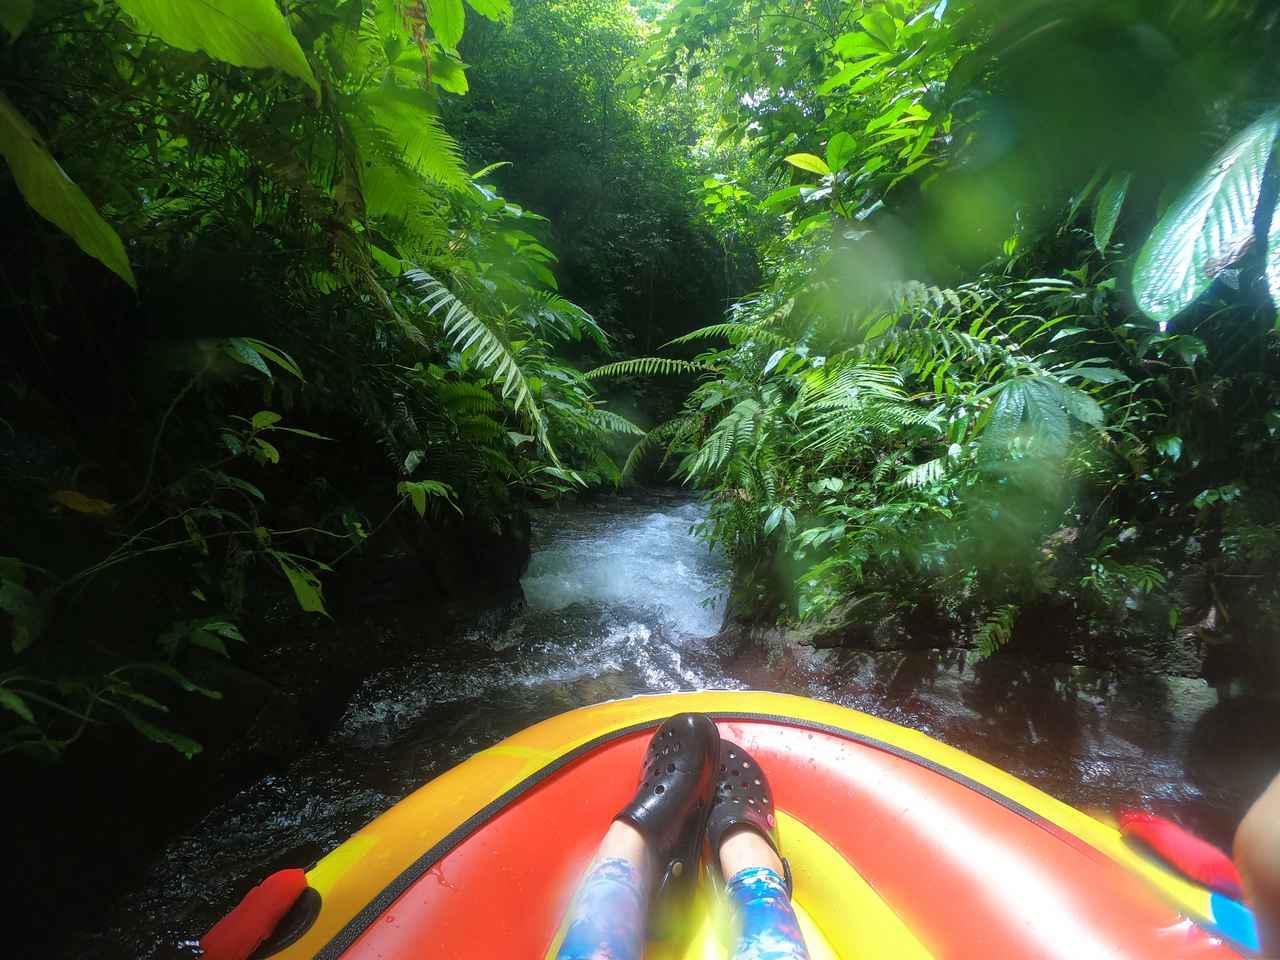 画像1: 5.【キャニオン・チュービング・アドベンチャー】手つかずのジャングルで体験する、癒しと興奮の川下り